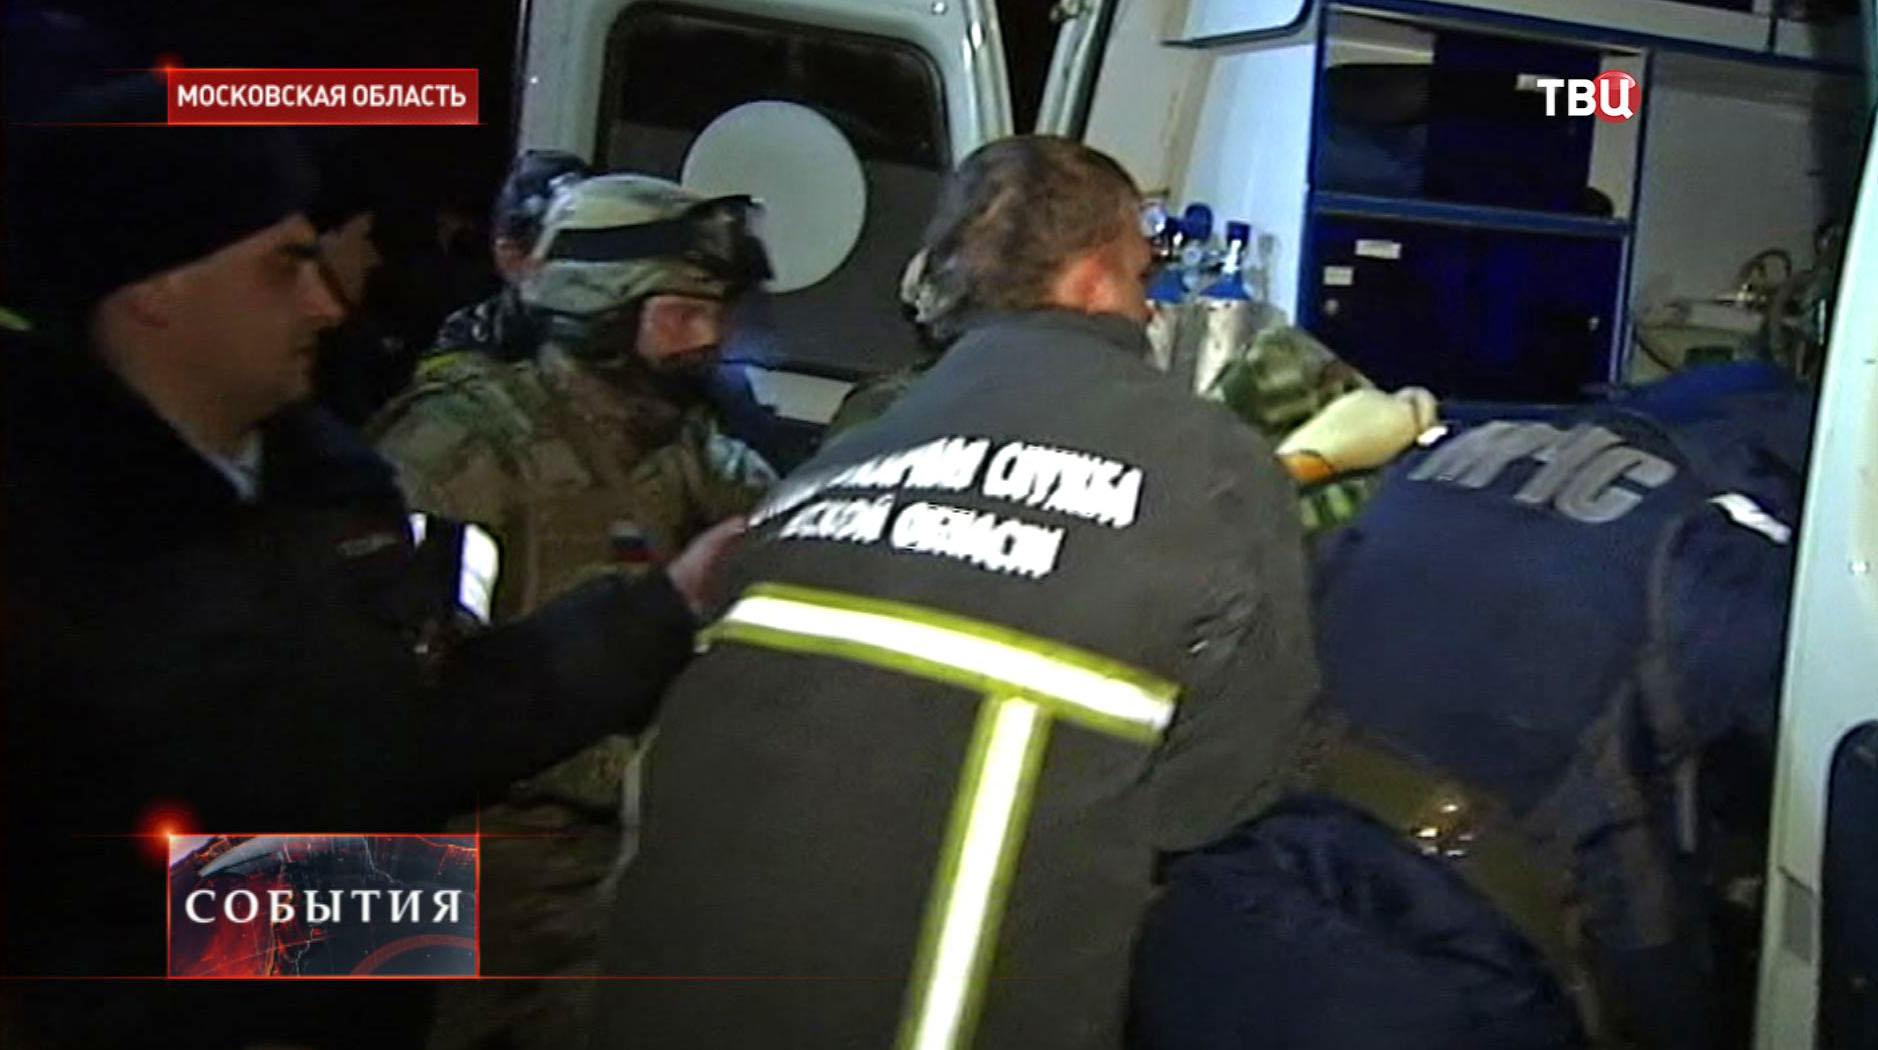 МЧС на месте захвата заложника в Нахабино